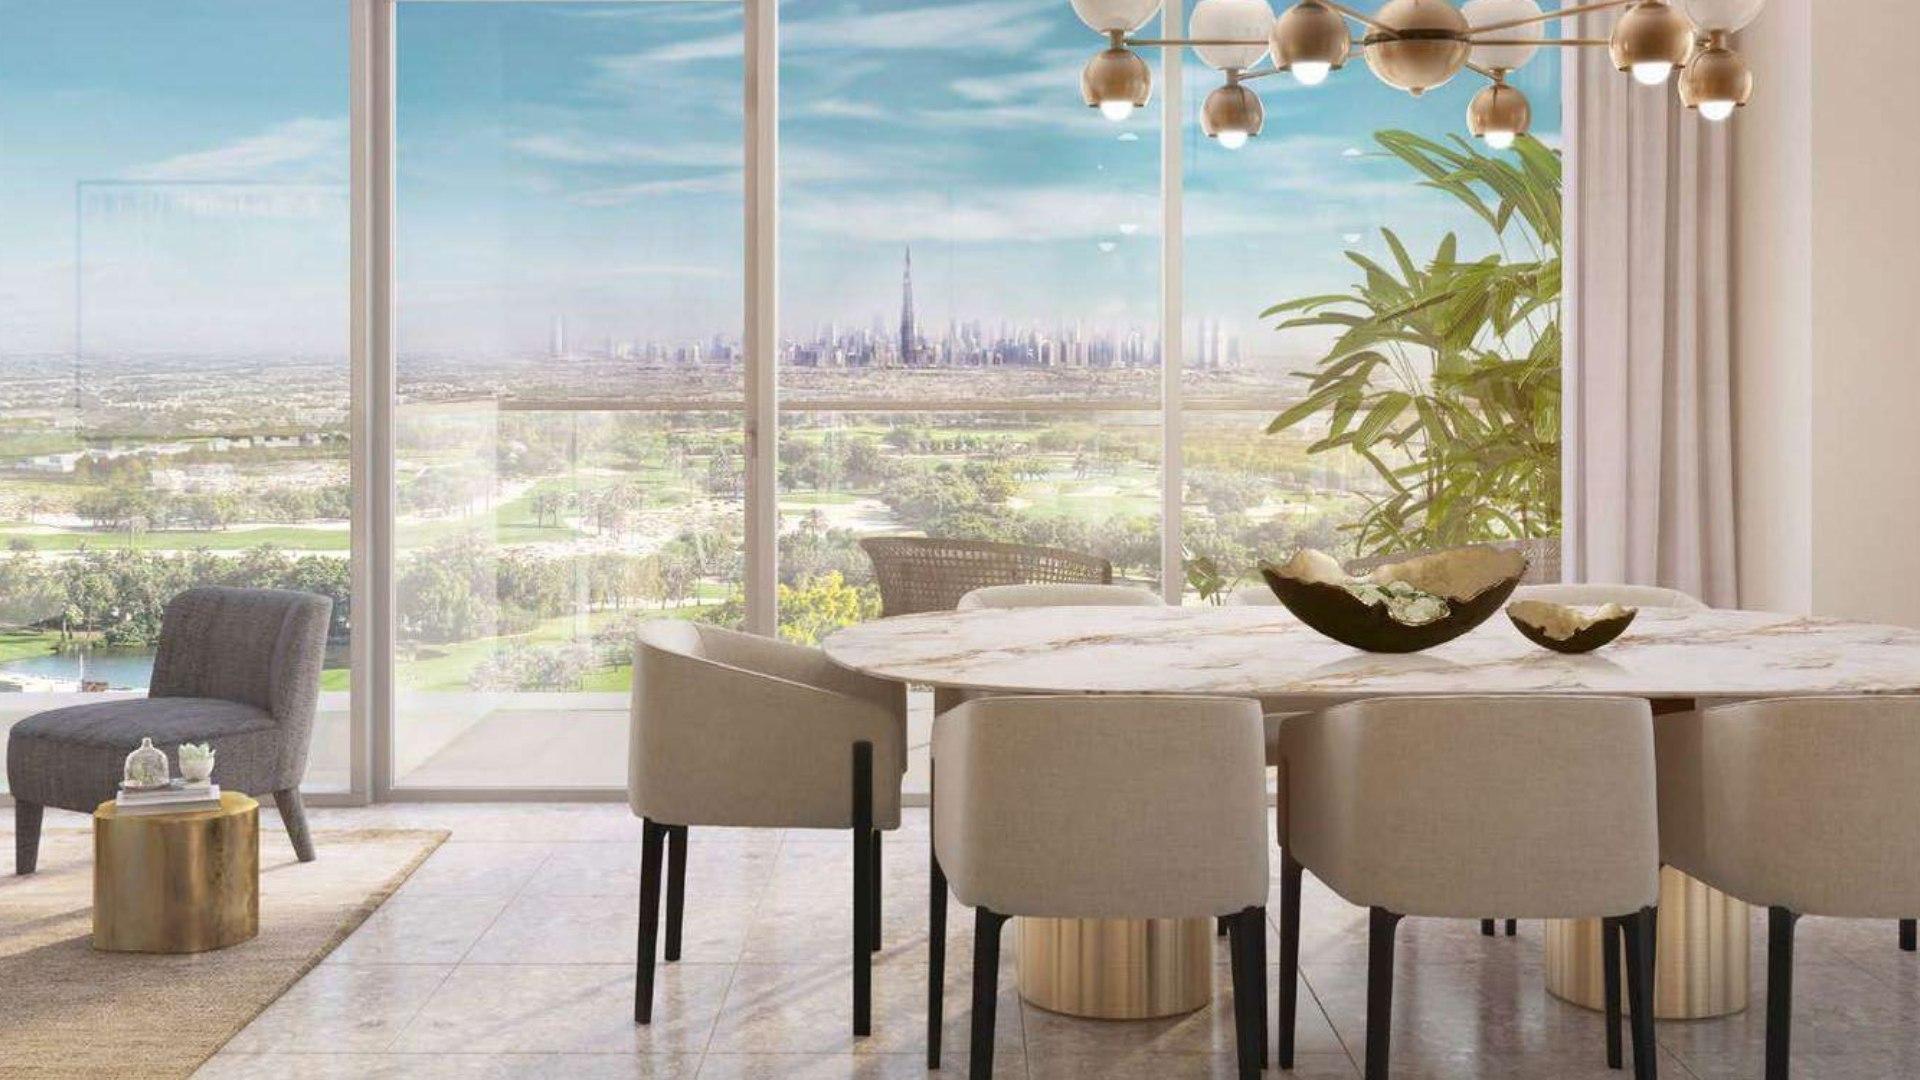 Apartamento en venta en Dubai, EAU, 2 dormitorios, 69 m2, № 24382 – foto 1